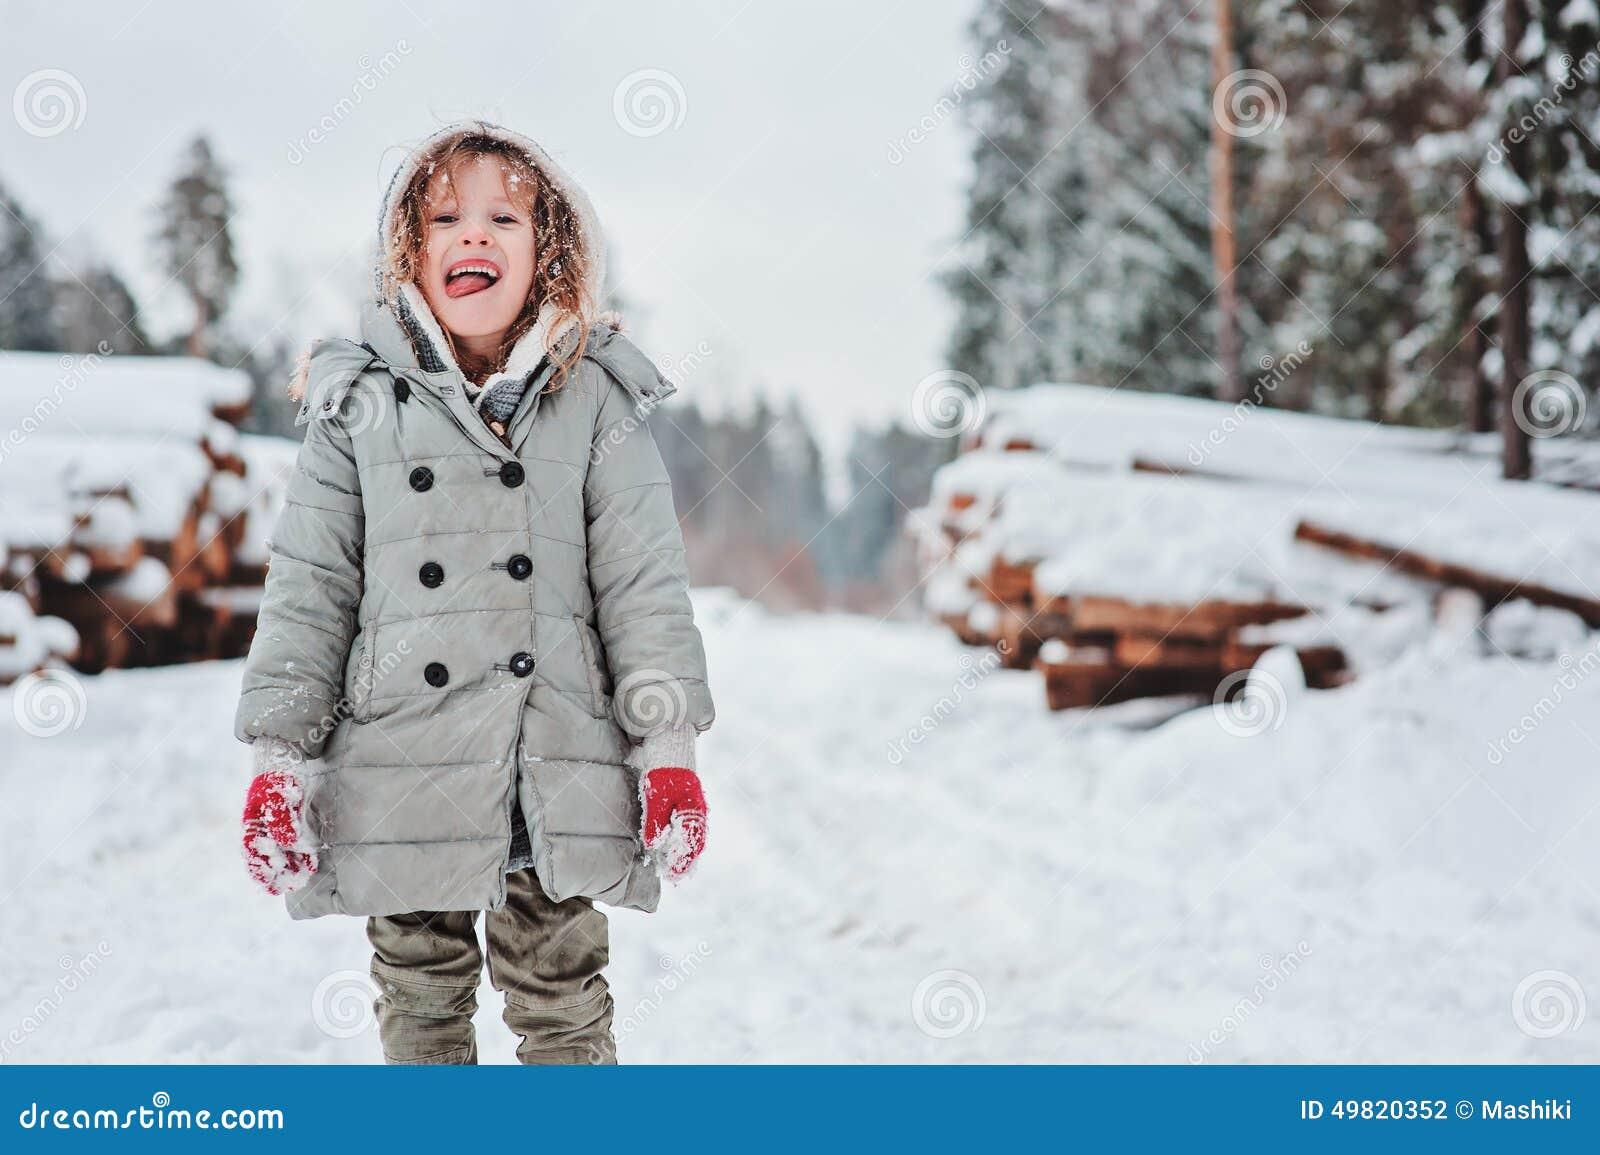 Retrato feliz engraçado da menina da criança na caminhada na floresta nevado do inverno com felling da árvore no fundo